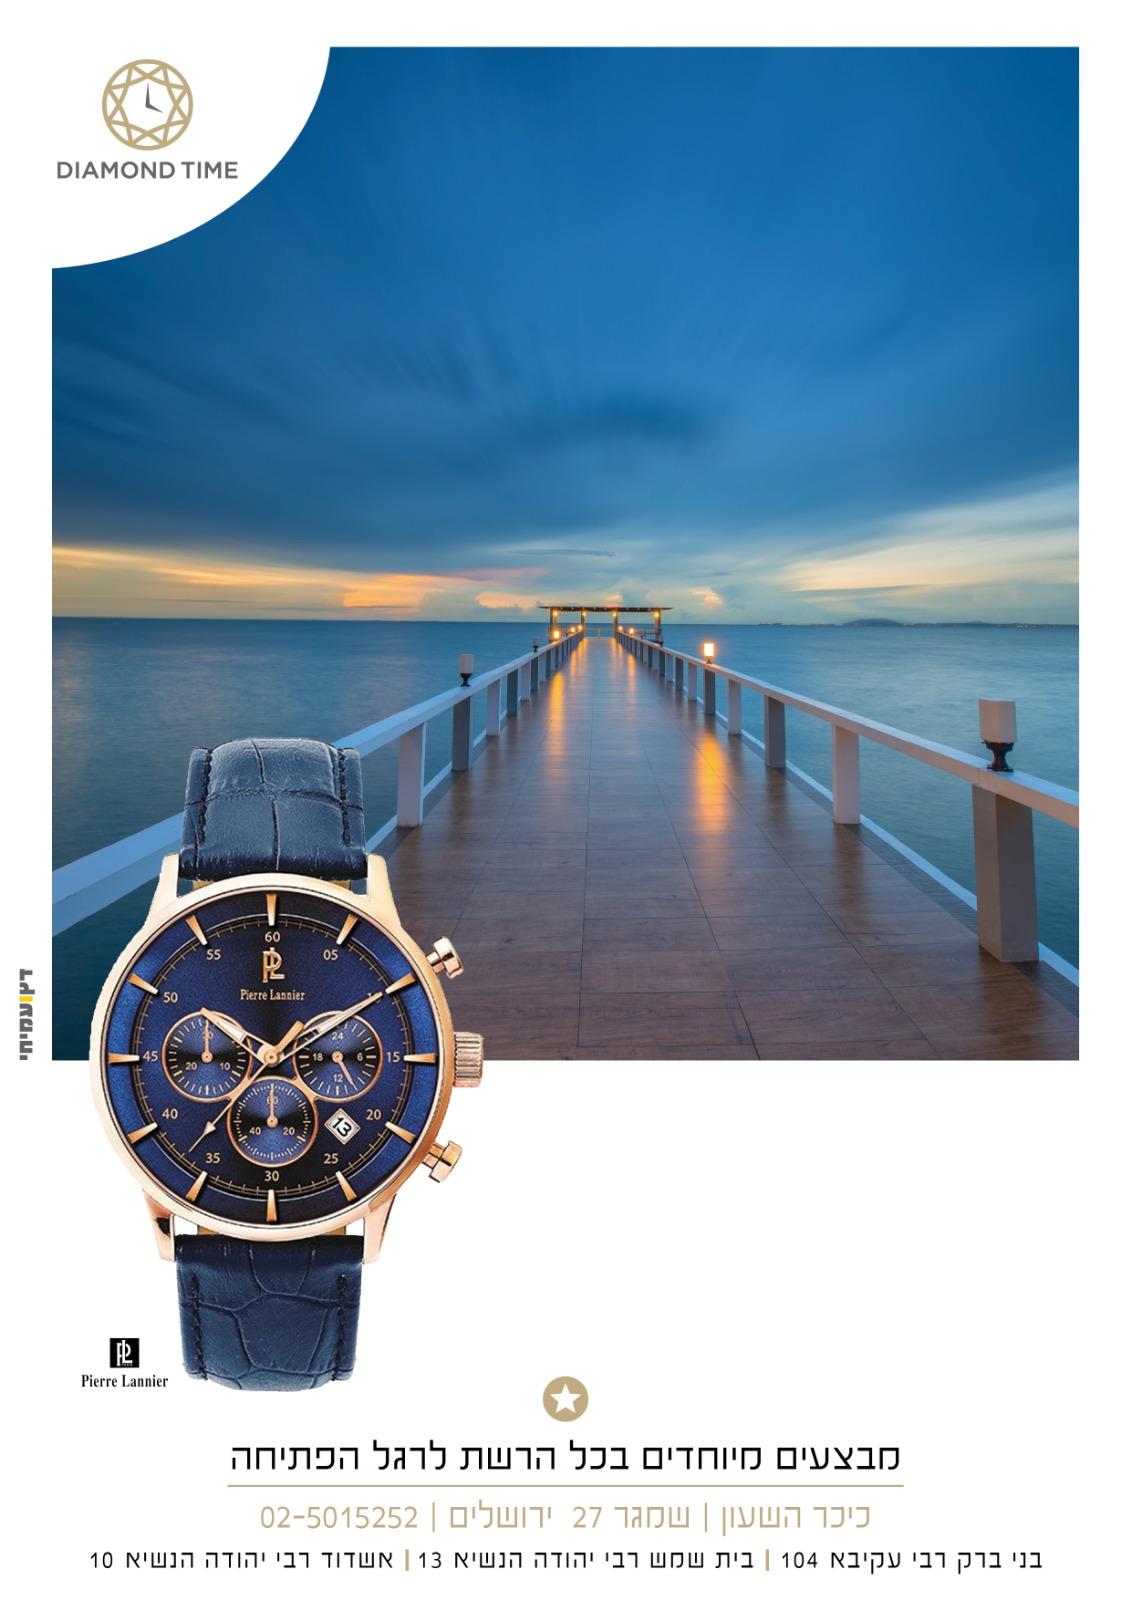 סיקור קמפיין מבית 'דץ ועמיחי': השקה לחנות השעונים היוקרתית 4